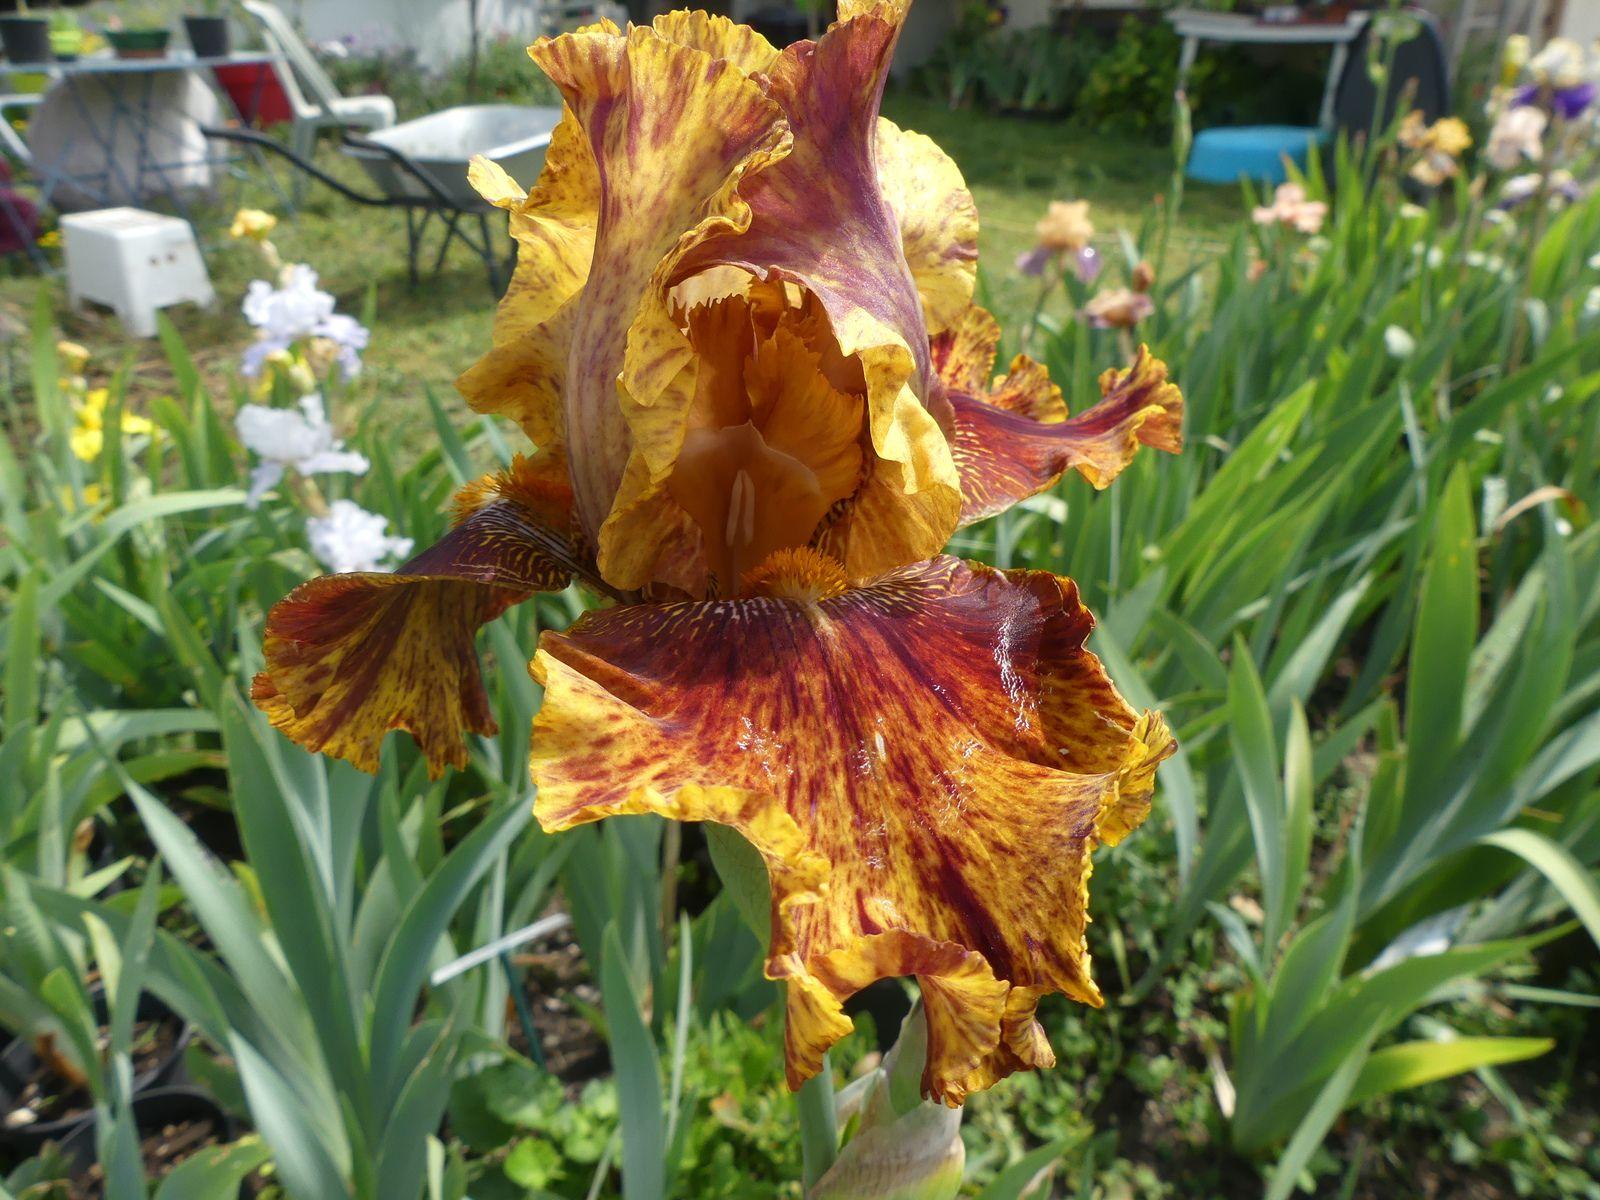 JP POUPIN création de Rose linda et une parcelle avec des iris en fleurs.( Photo mal prise par moi)